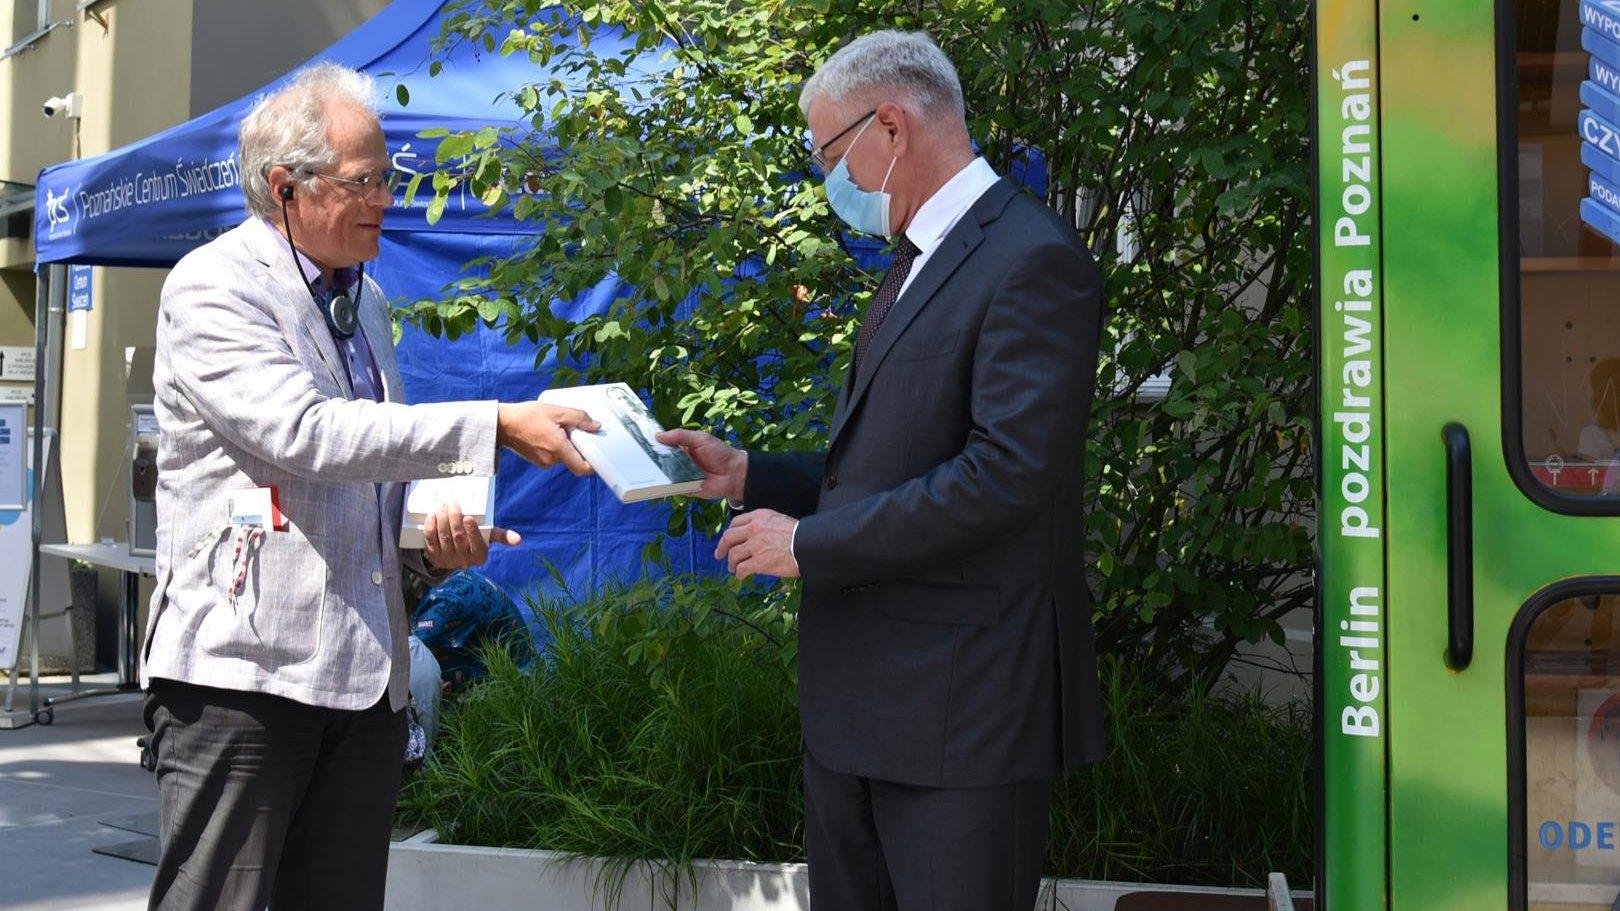 Jacek Jaśkowiak, prezydent Poznania, odbiera przed Biblioboxx książkę od Heinera Klempa, przedstawiciela Landtagu